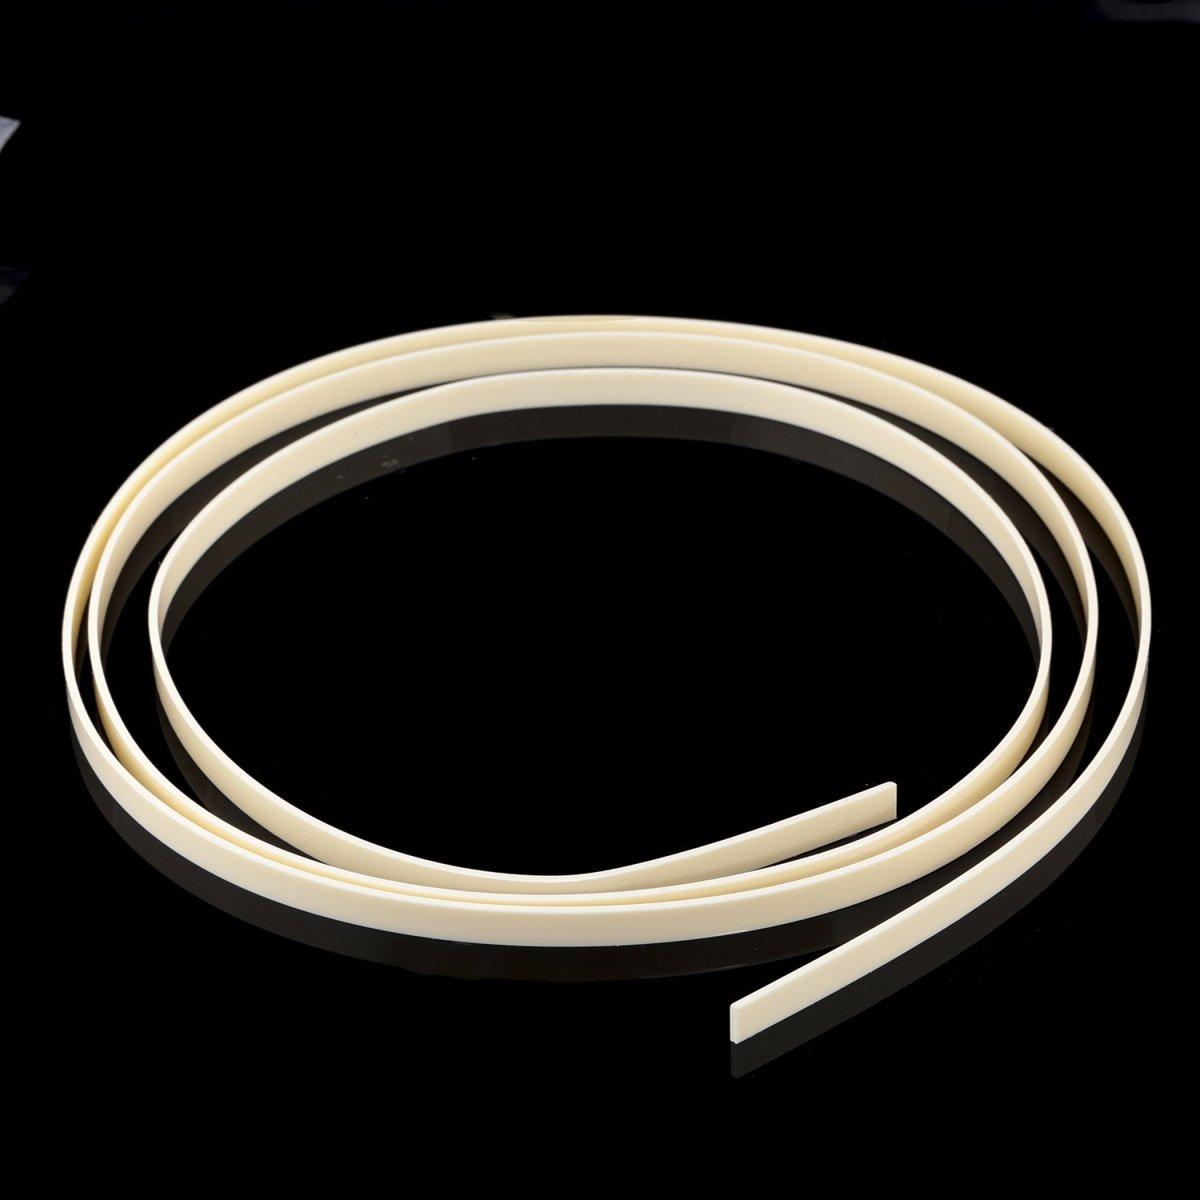 Musiclily 1650x7x1.5mm Plastic Binding Purfling